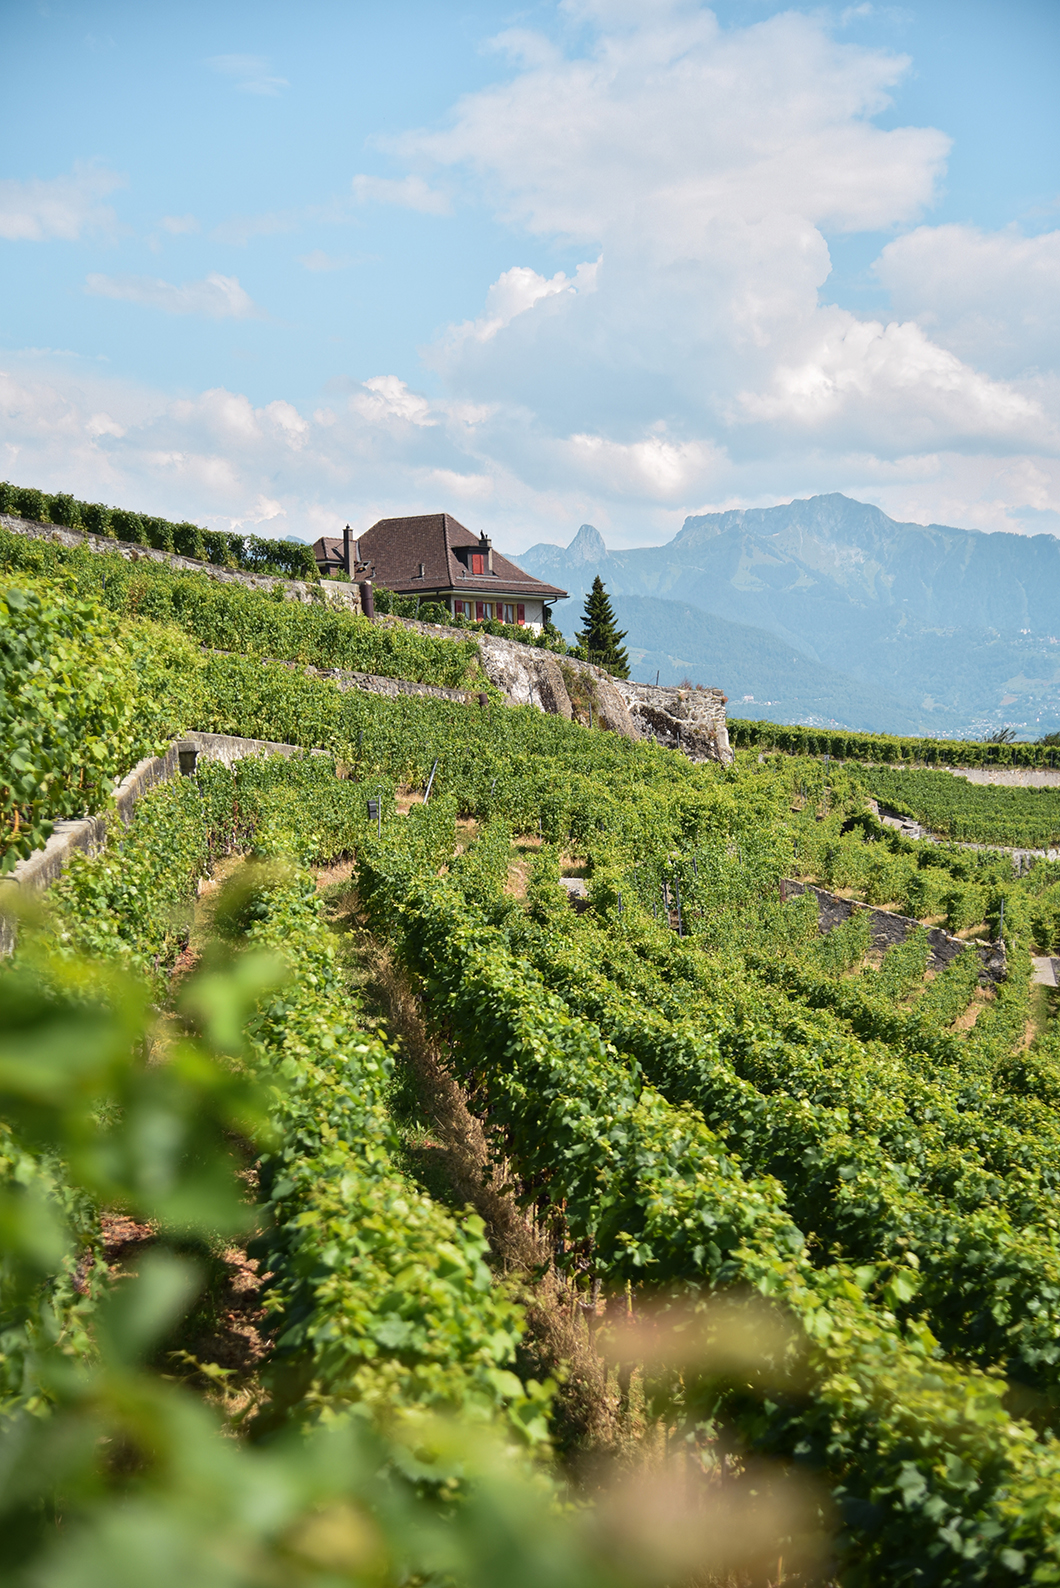 Les vignobles en terrasse de Lavaux, visite incontournables au Lac Léman